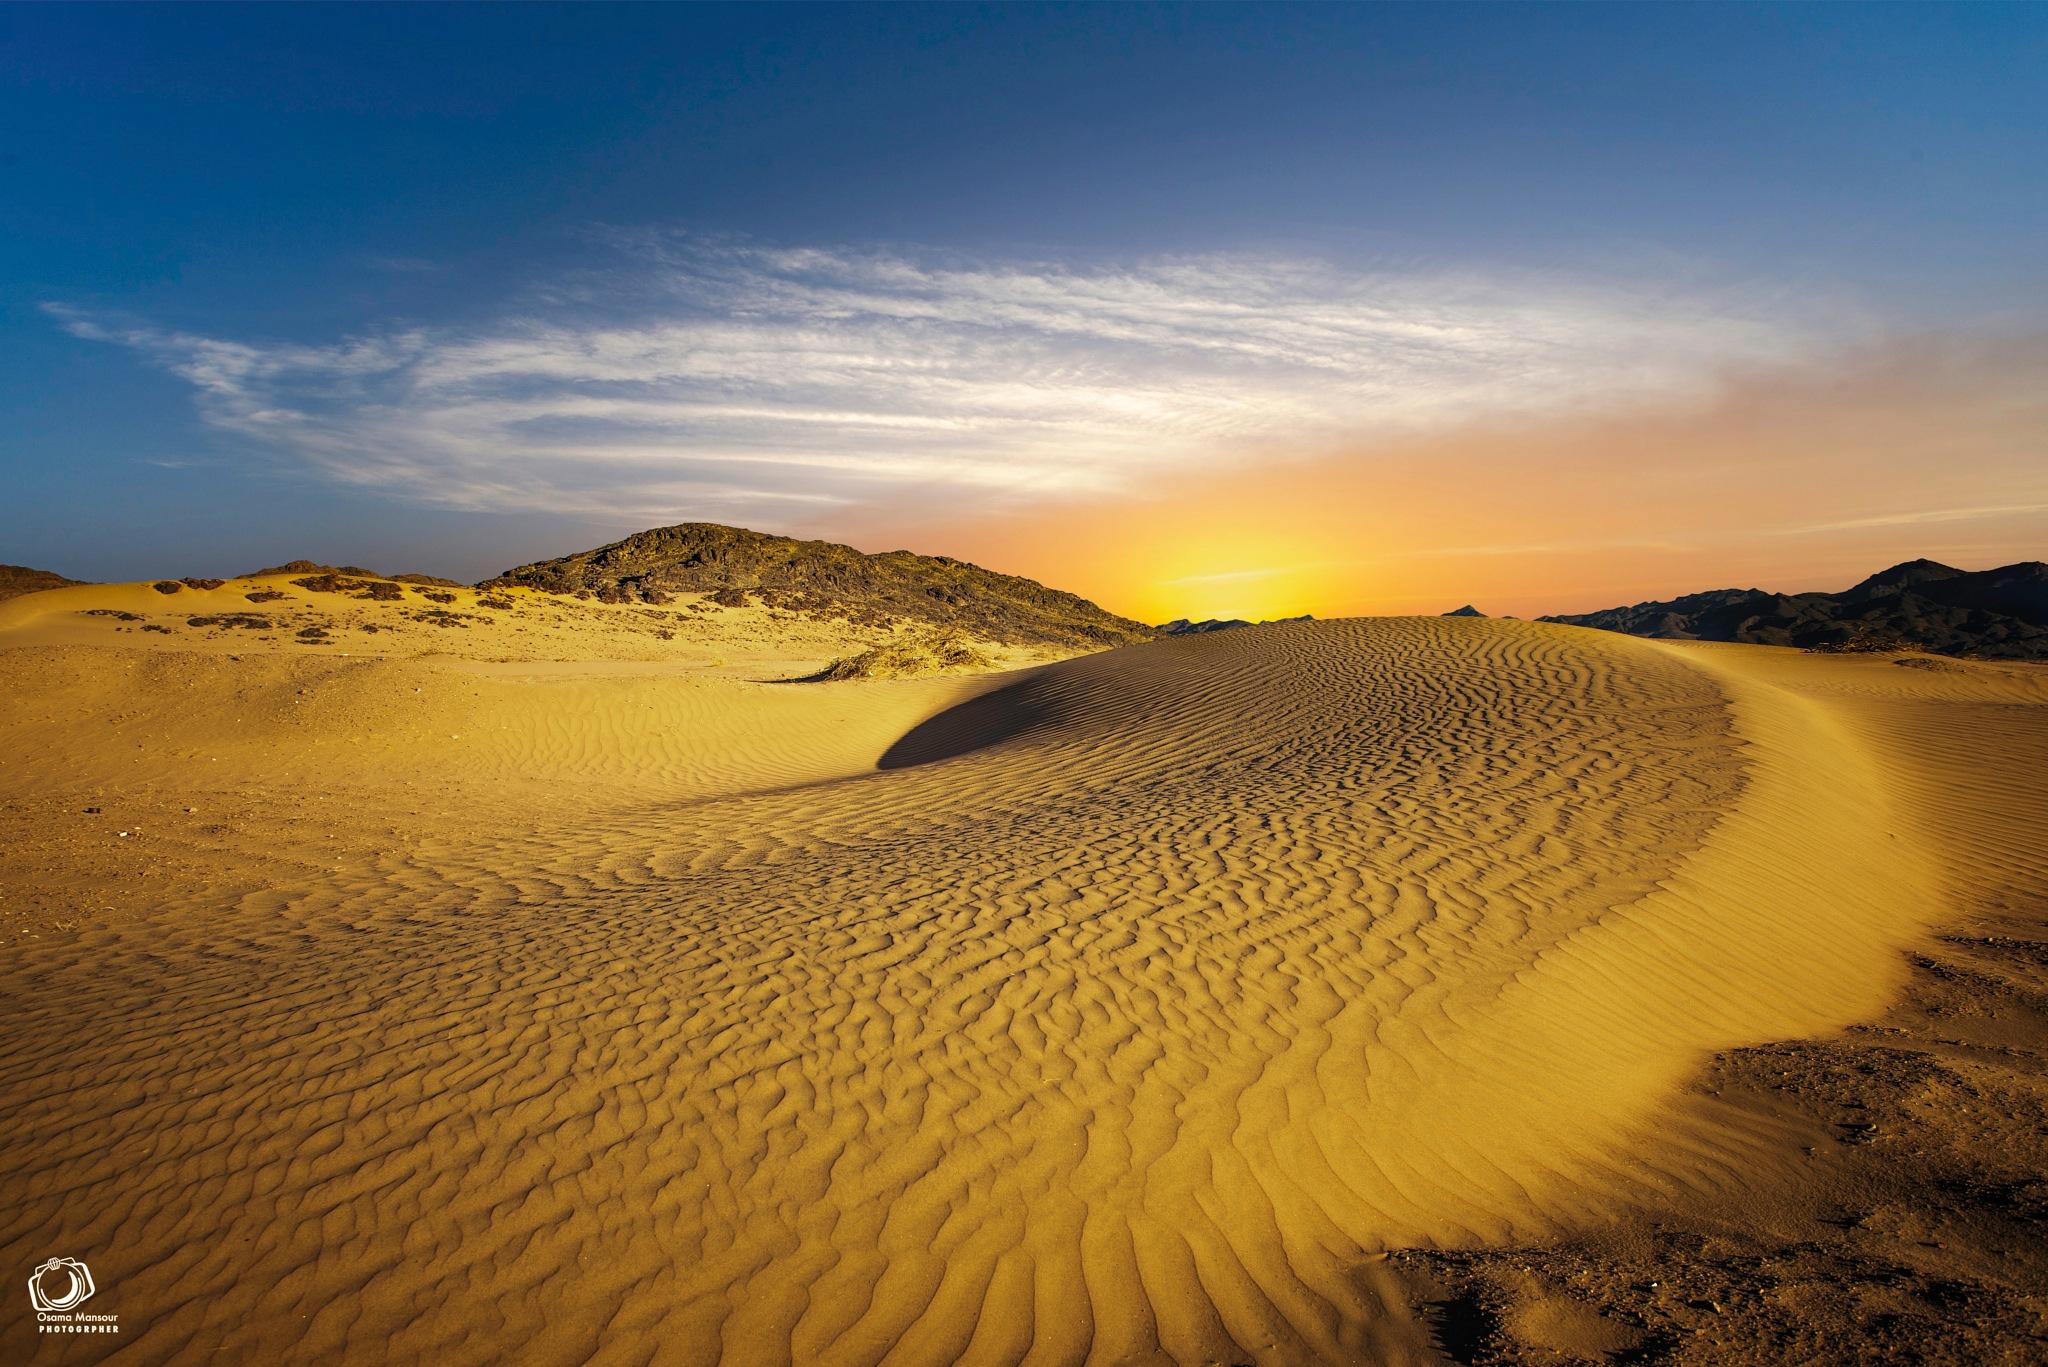 Golden Desert by Osama Mansour